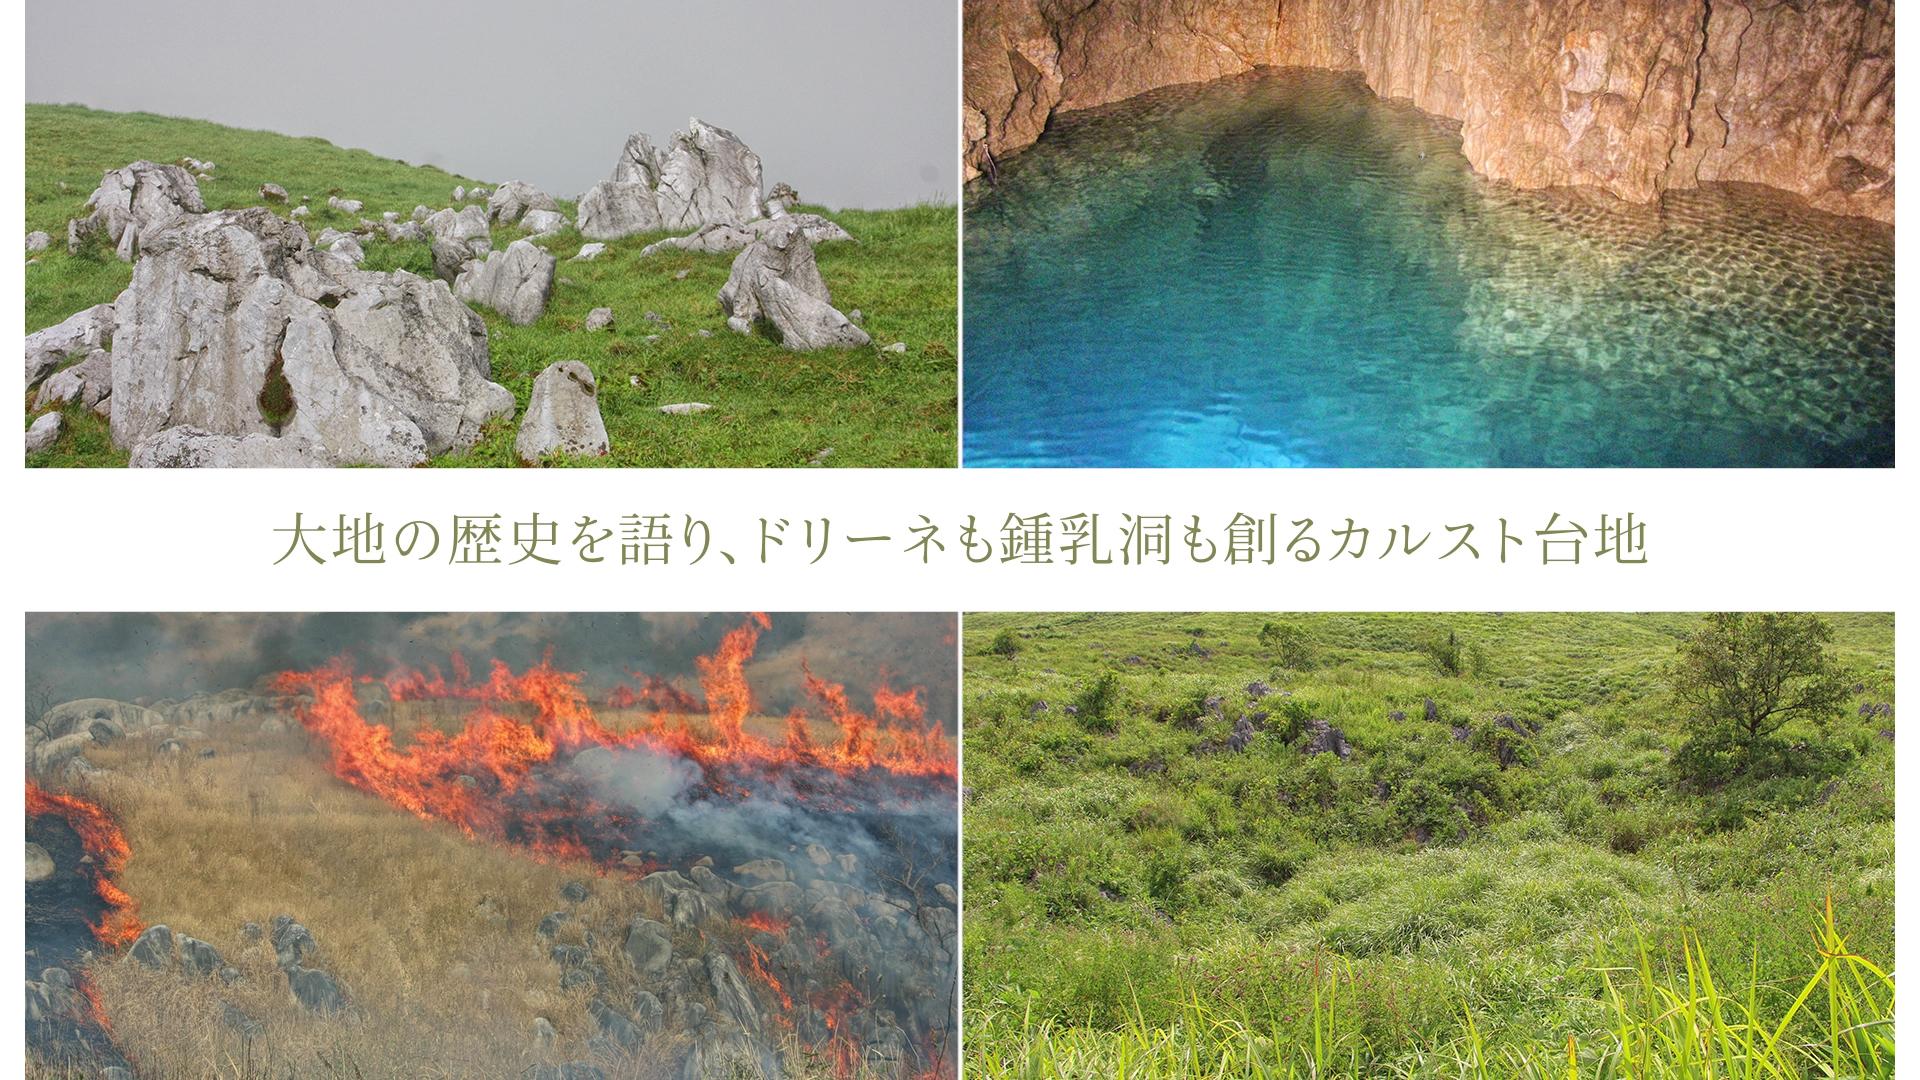 大地の歴史を語り、ドリーネも鍾乳洞も創るカルスト台地